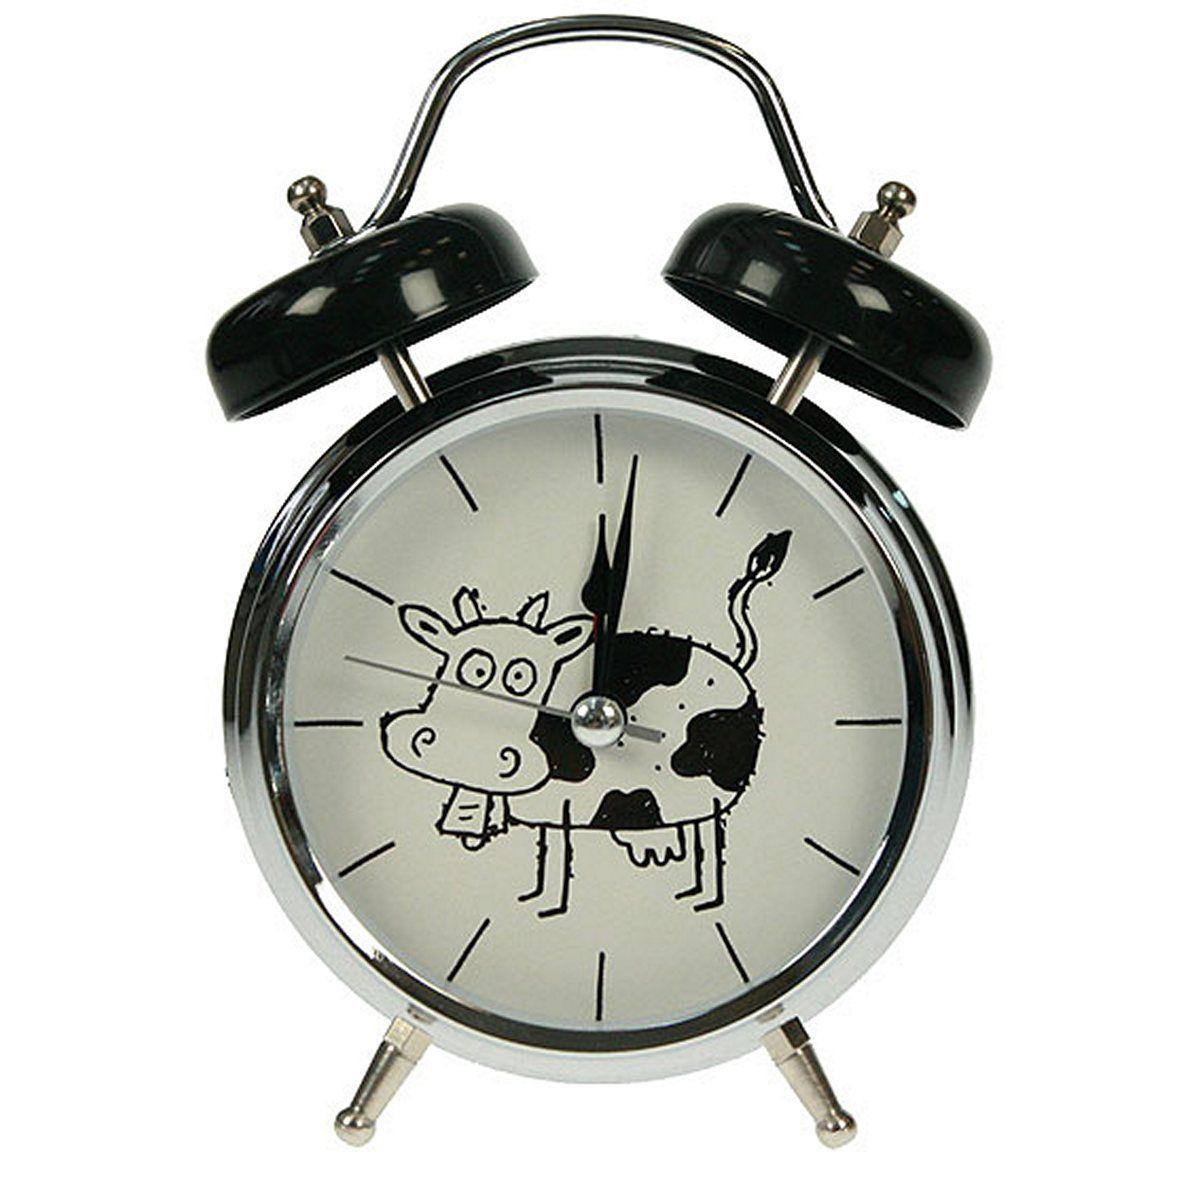 Часы настольные Русские Подарки Корова, с функцией будильника, 12 х 6 х 17 см. 232416232416Настольные кварцевые часы Русские Подарки Корова изготовлены из металла, циферблат защищен стеклом. Оригинальное оформление в виде смешной коровы поднимет настроение, а благодаря функции будильника вы проснетесь вовремя. Часы имеют три стрелки - часовую, минутную и секундную.Такие часы украсят интерьер дома или рабочий стол в офисе. Также часы могут стать уникальным, полезным подарком для родственников, коллег, знакомых и близких.Часы работают от батареек типа АА (в комплект не входят).